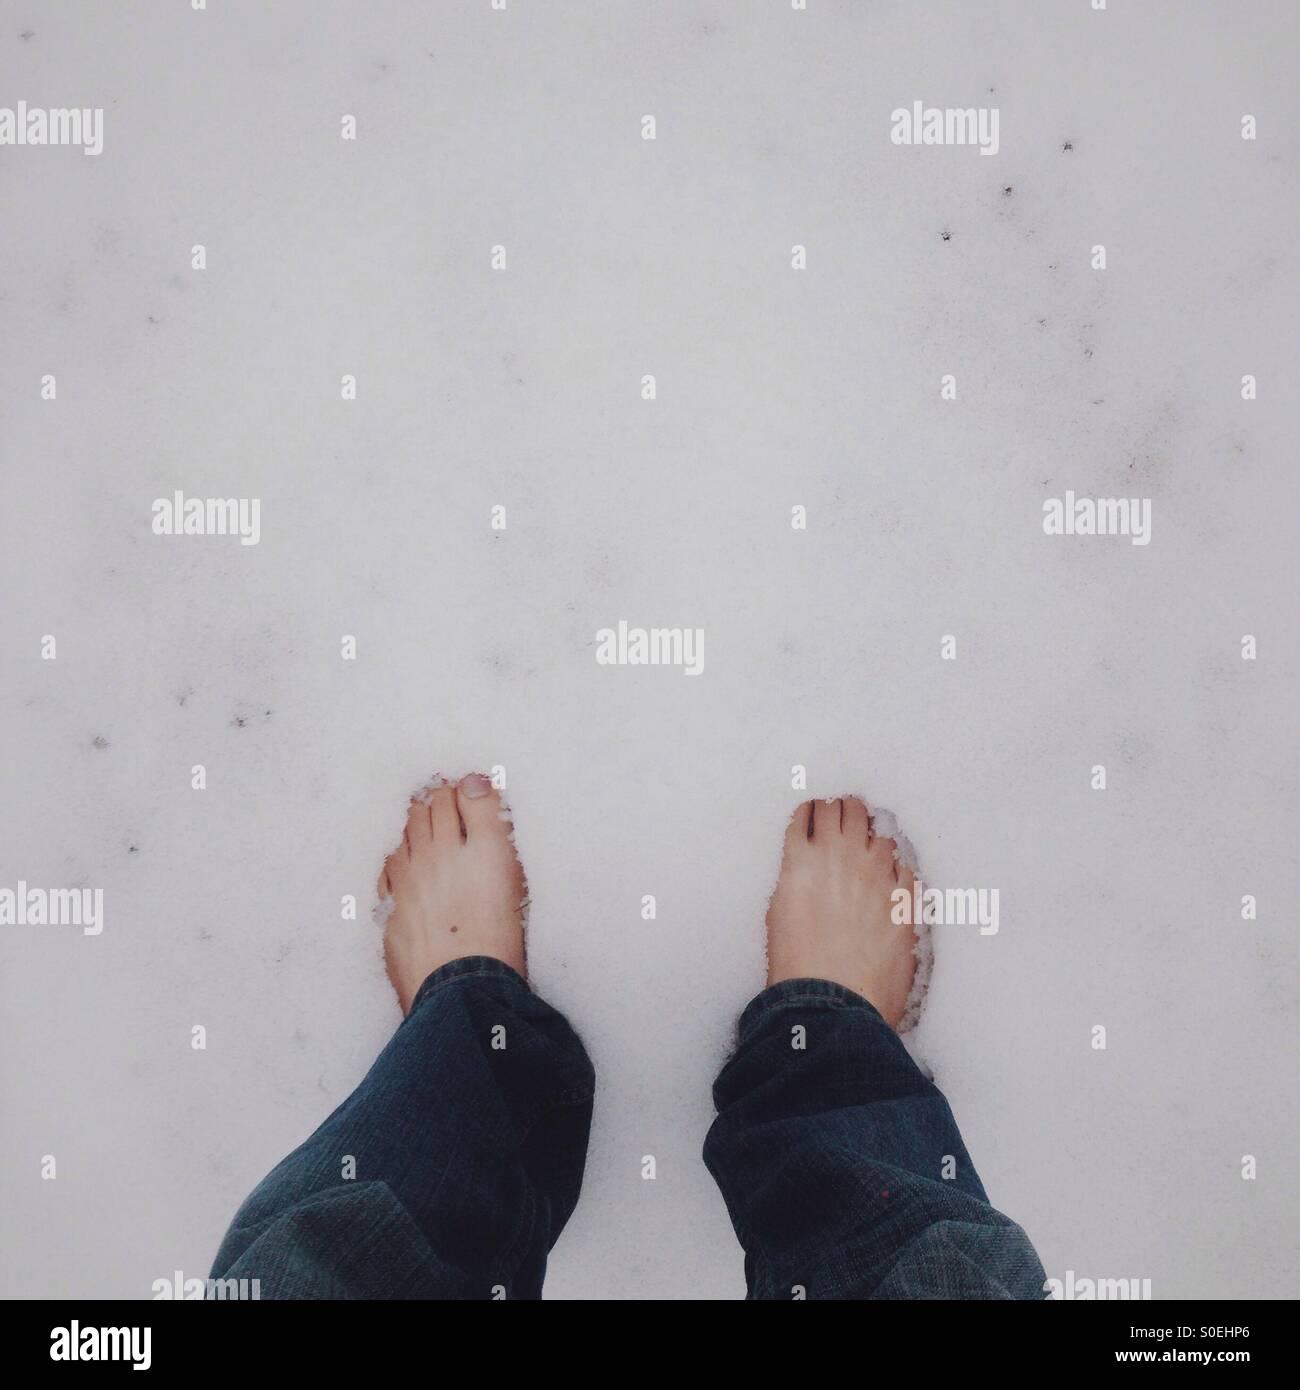 Pieds nus dans la neige Photo Stock